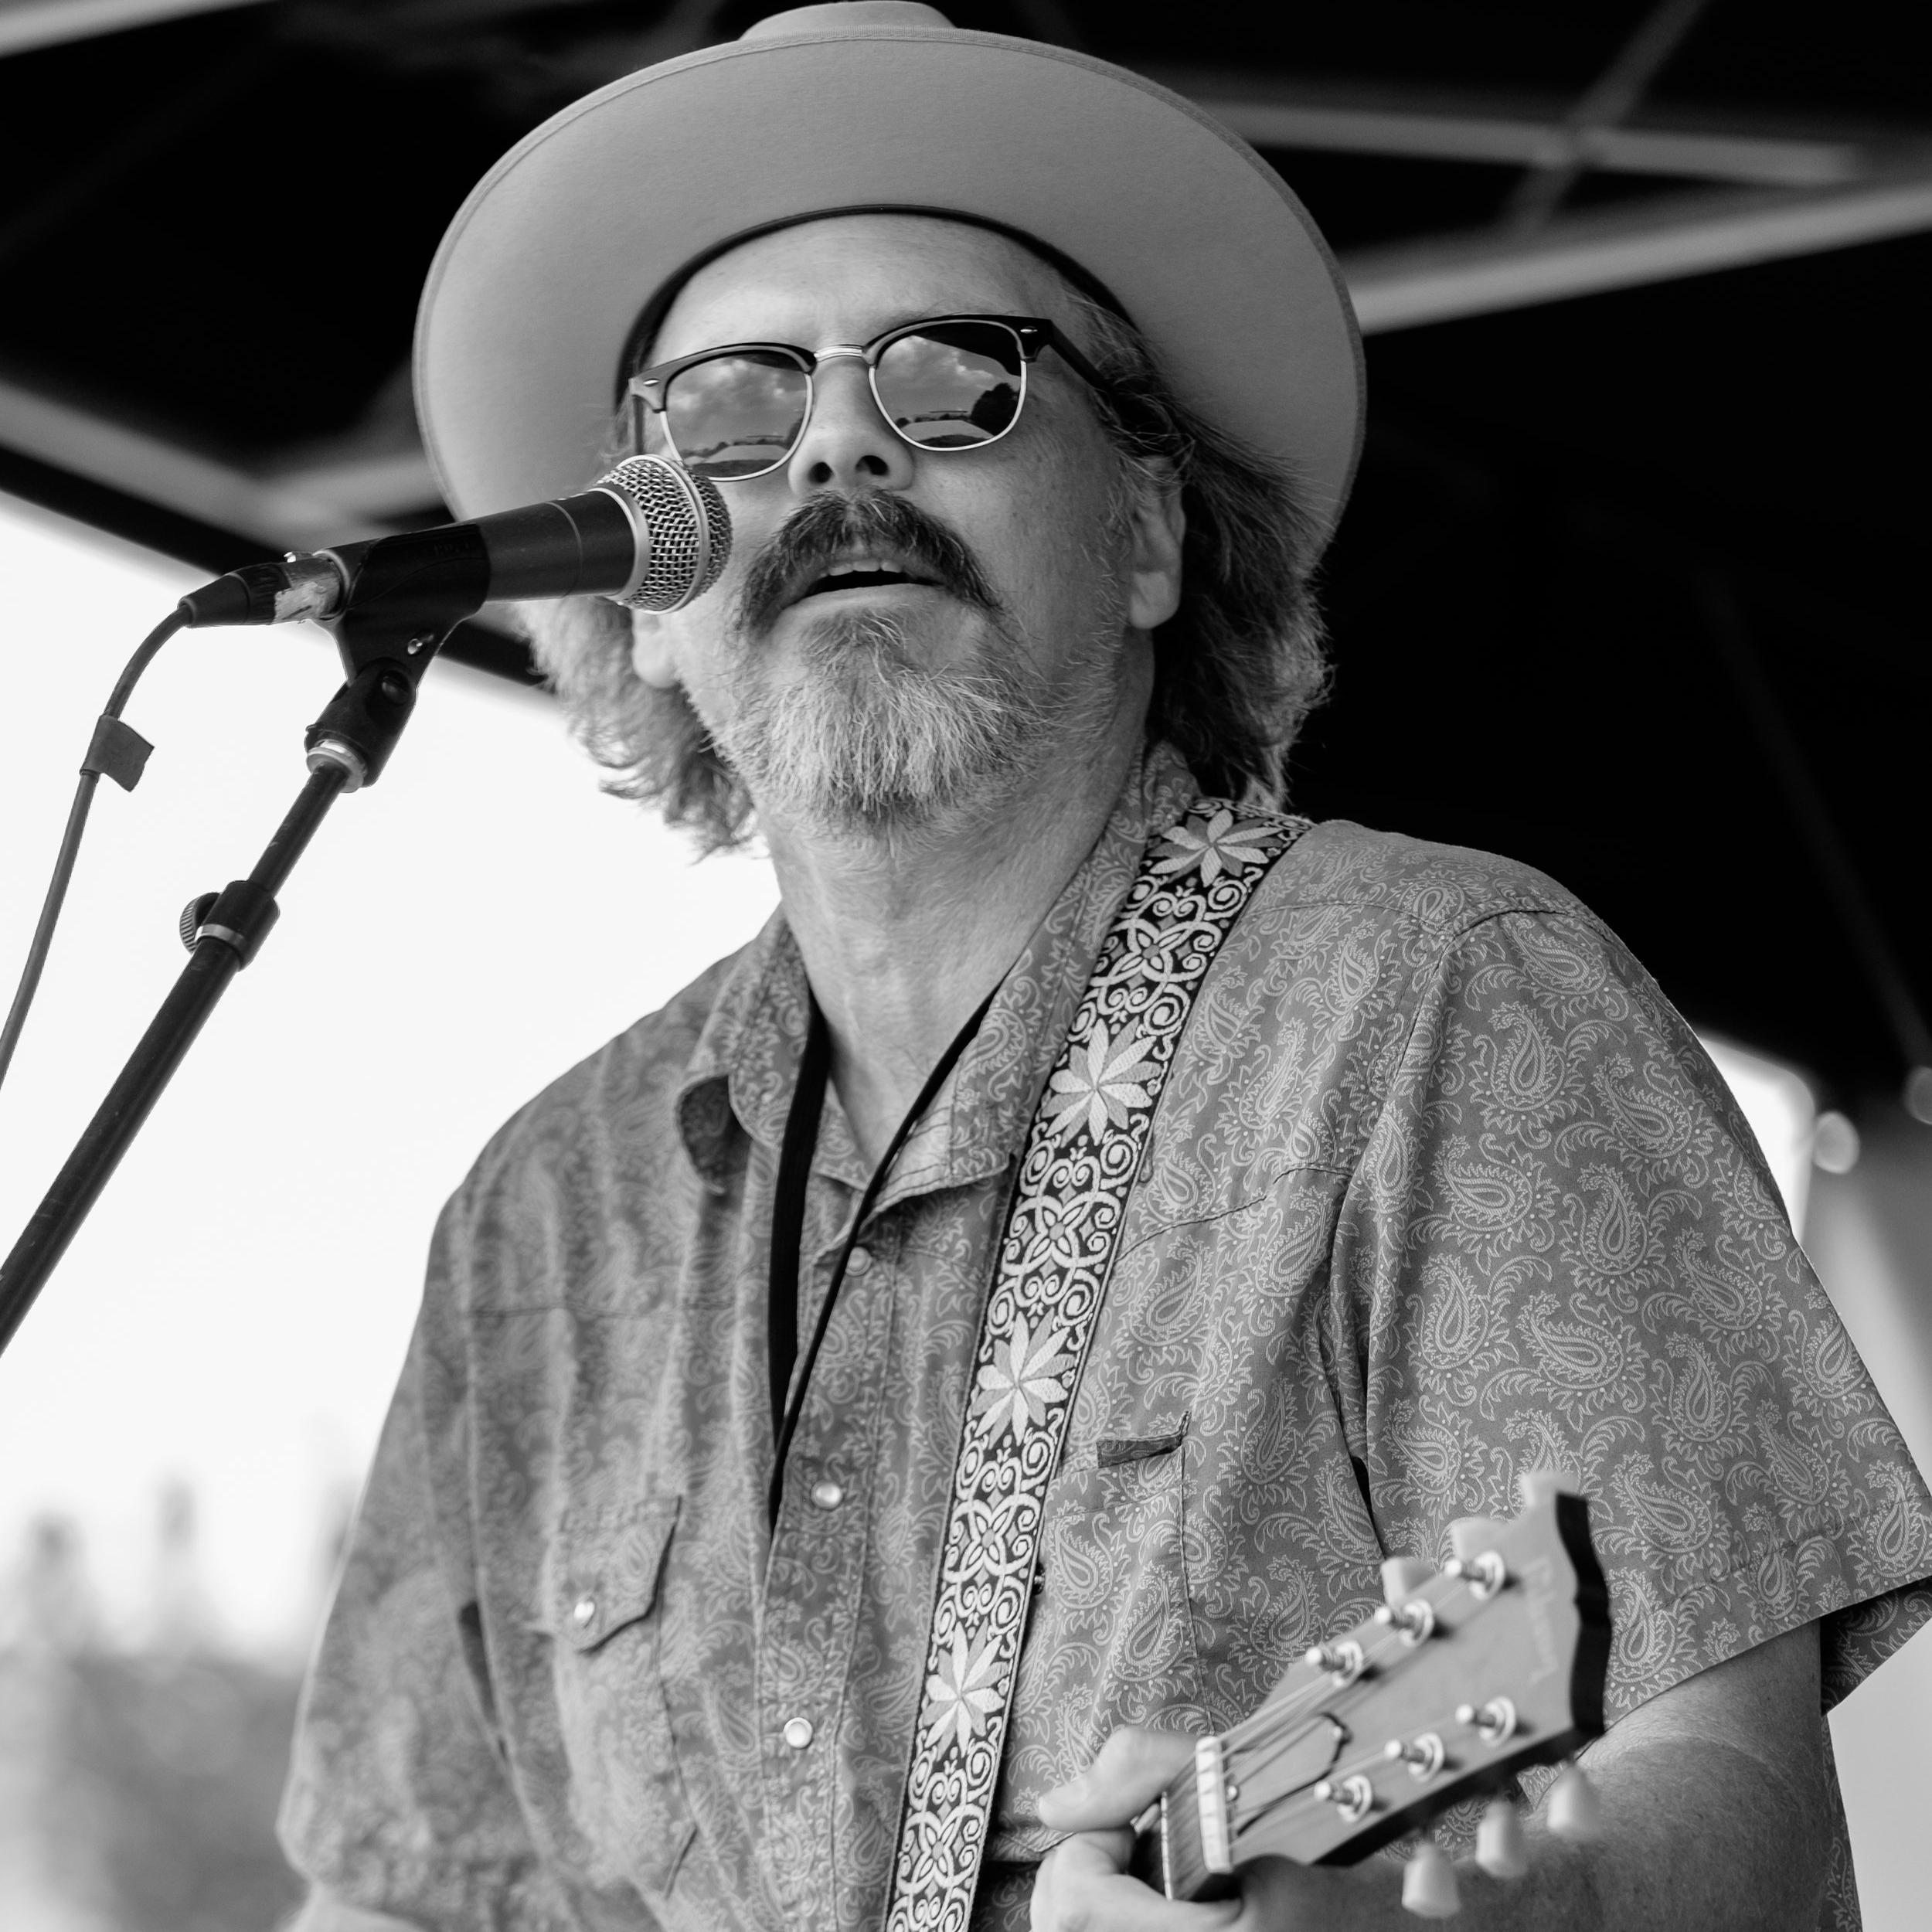 Derek Wood-vocals, guitar